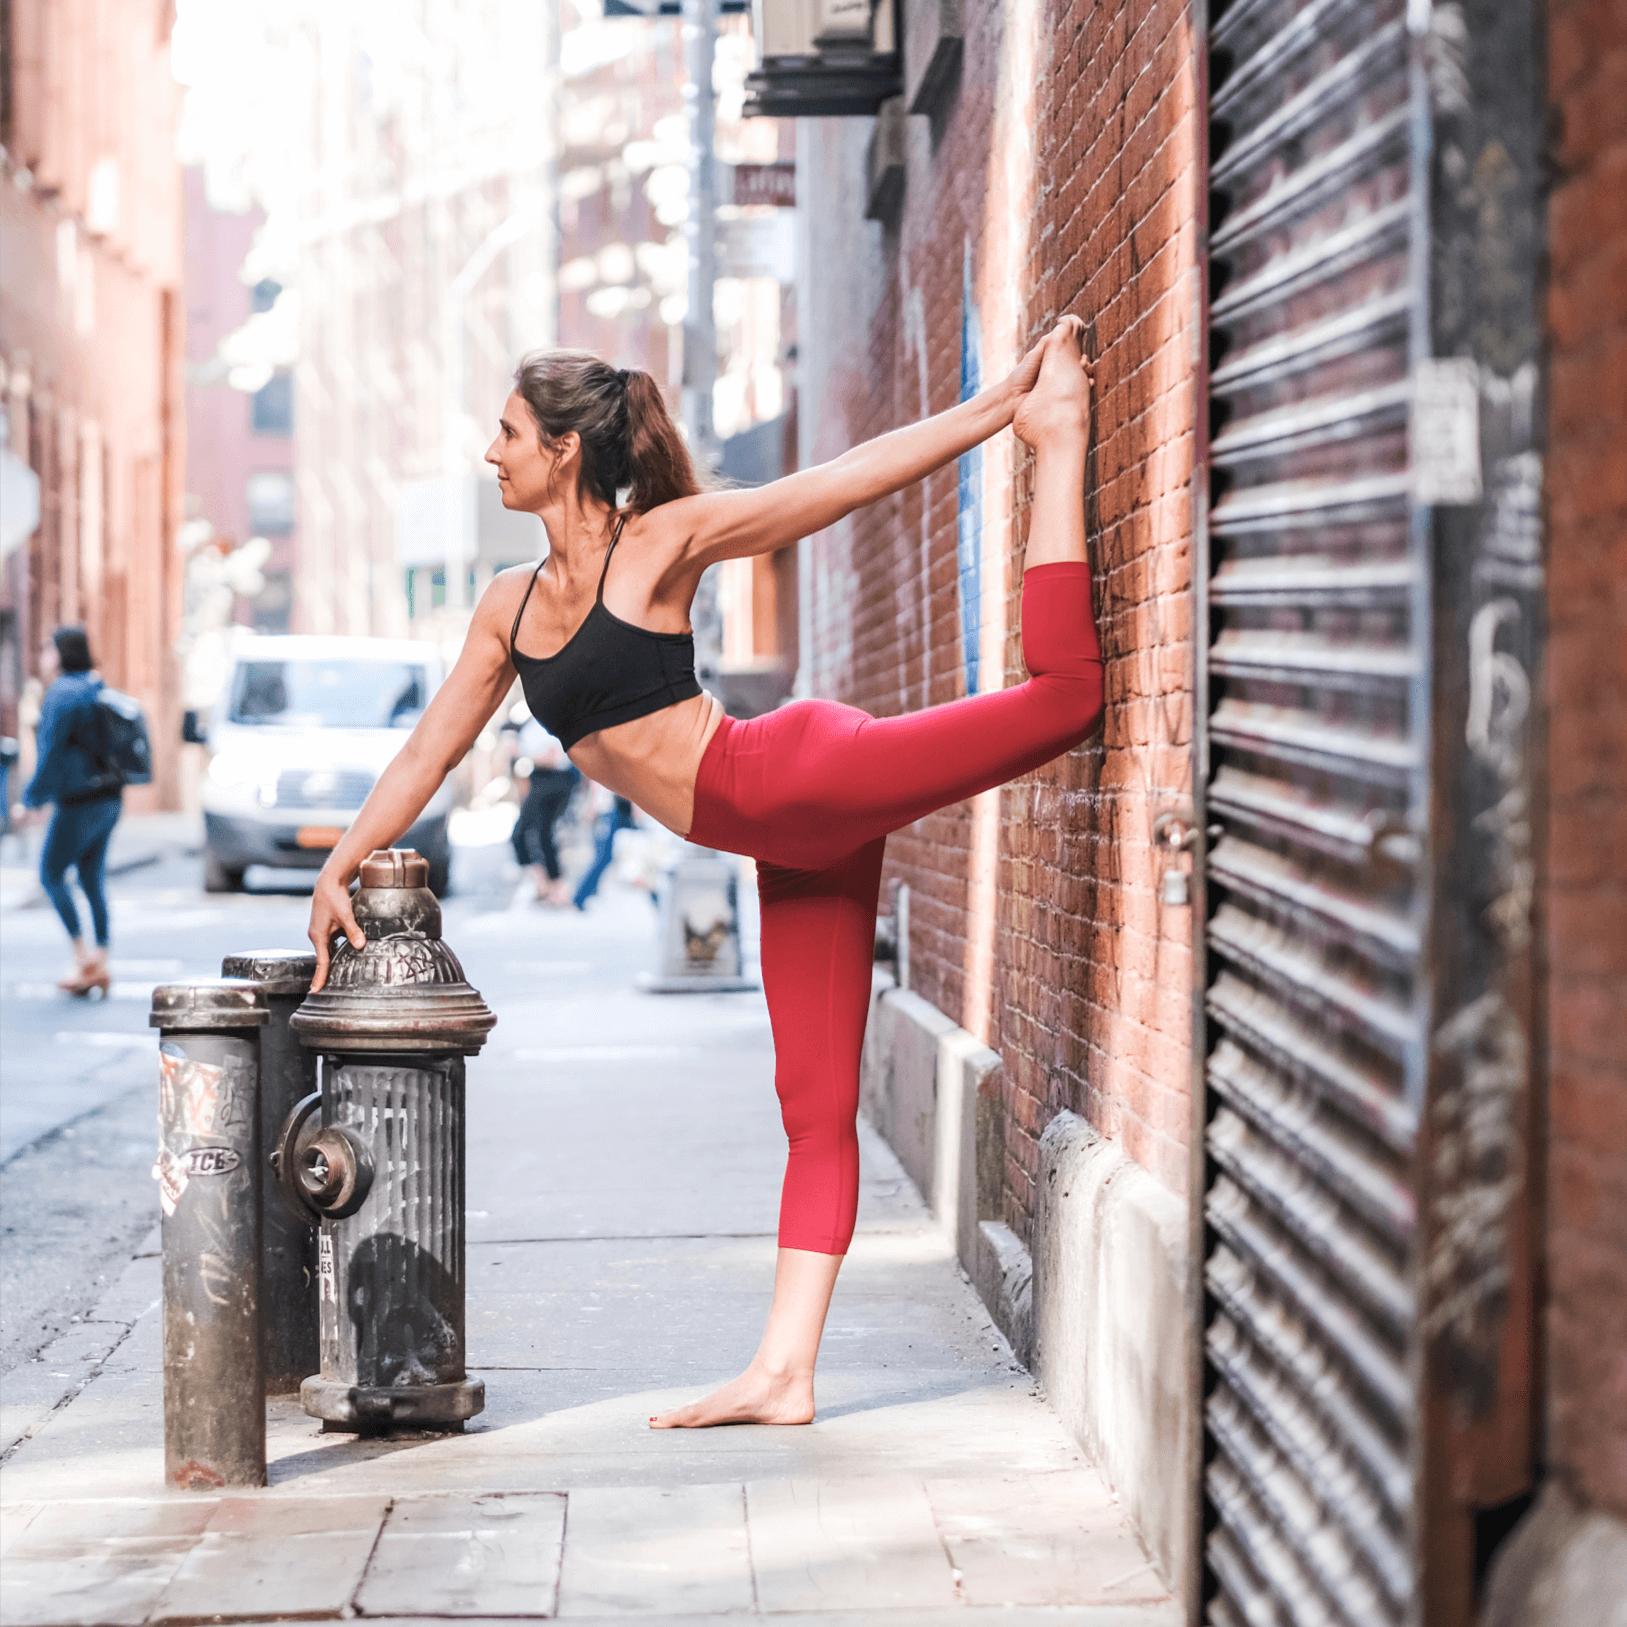 Movement by Lara